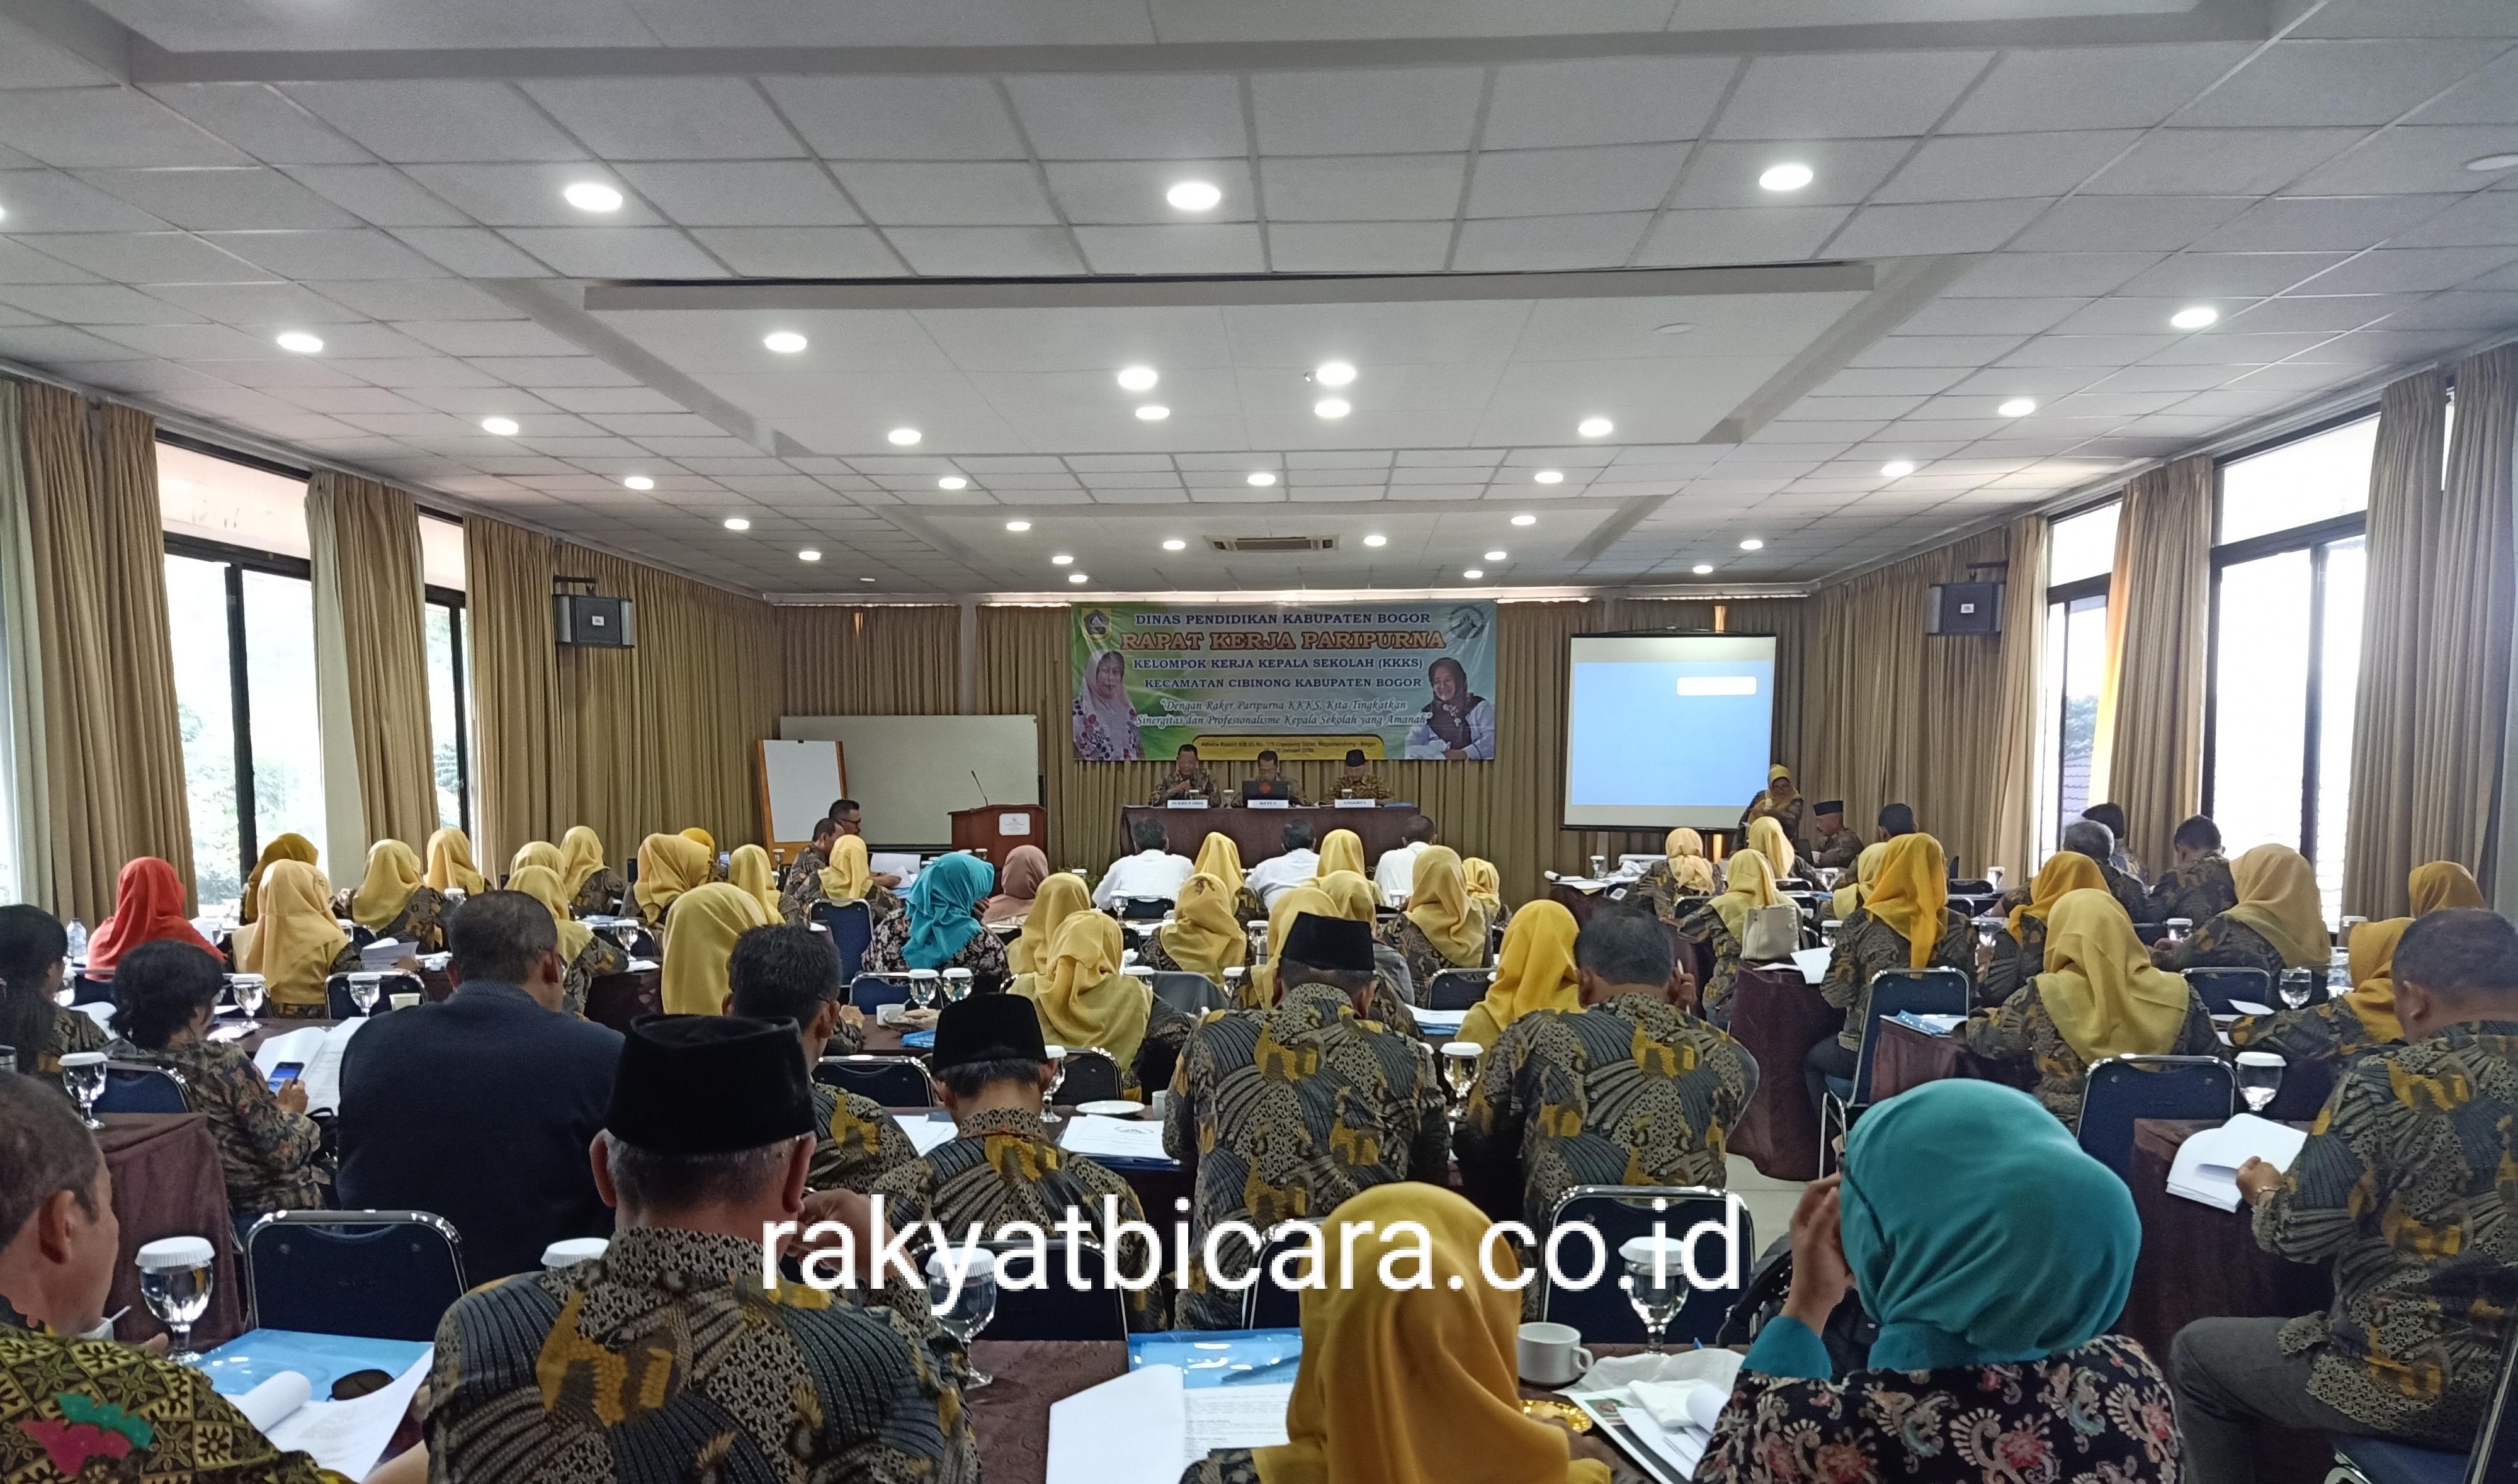 Rapat Kerja Paripurna KKKS Kecamatan Cibinong Tahun 2020